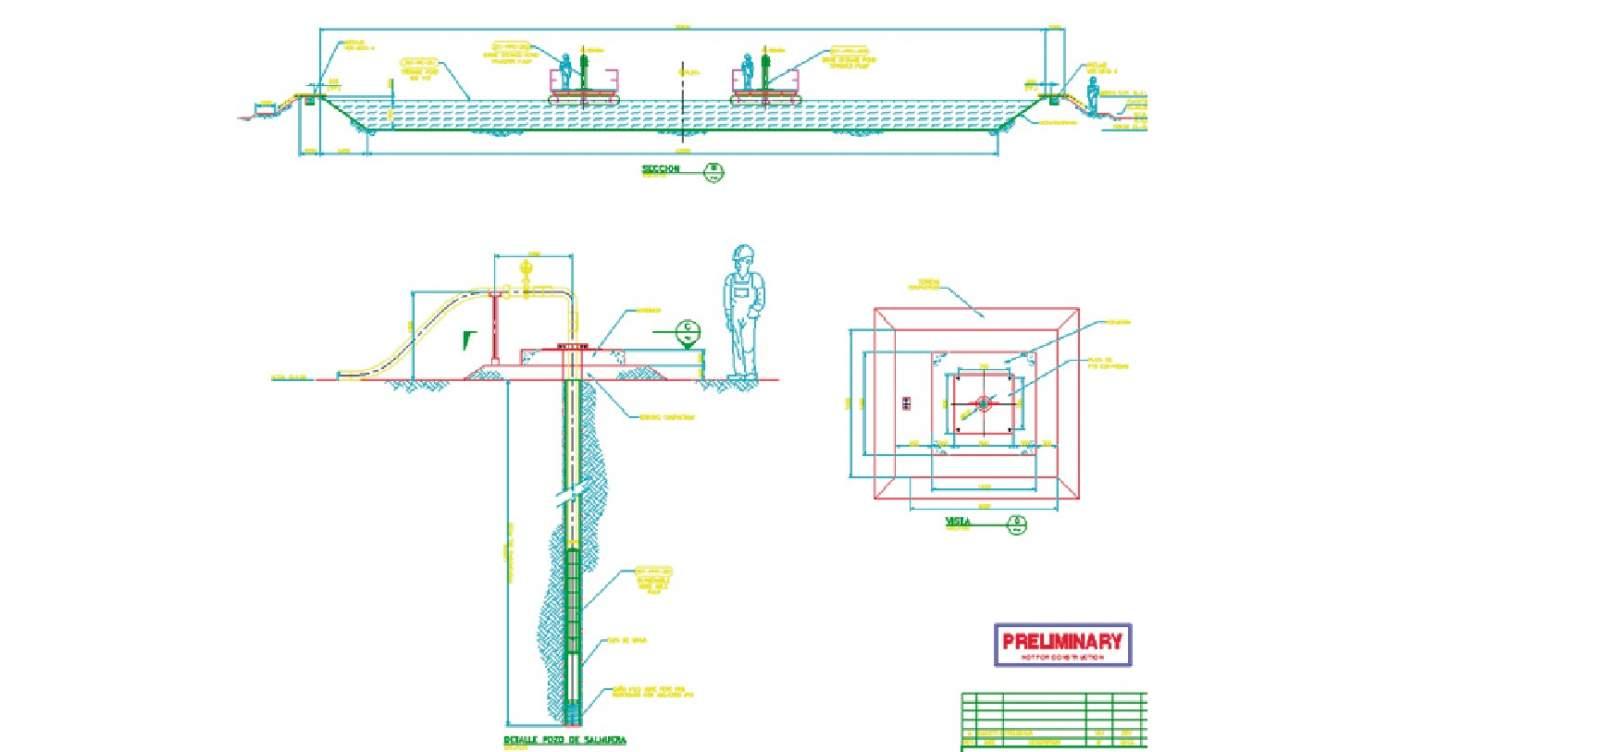 Bolera Minera 2 Salinas Grandes-proyecto-saxum-mineria-industria-construccion-empresas-ingenieria-argentina-litio-cementera